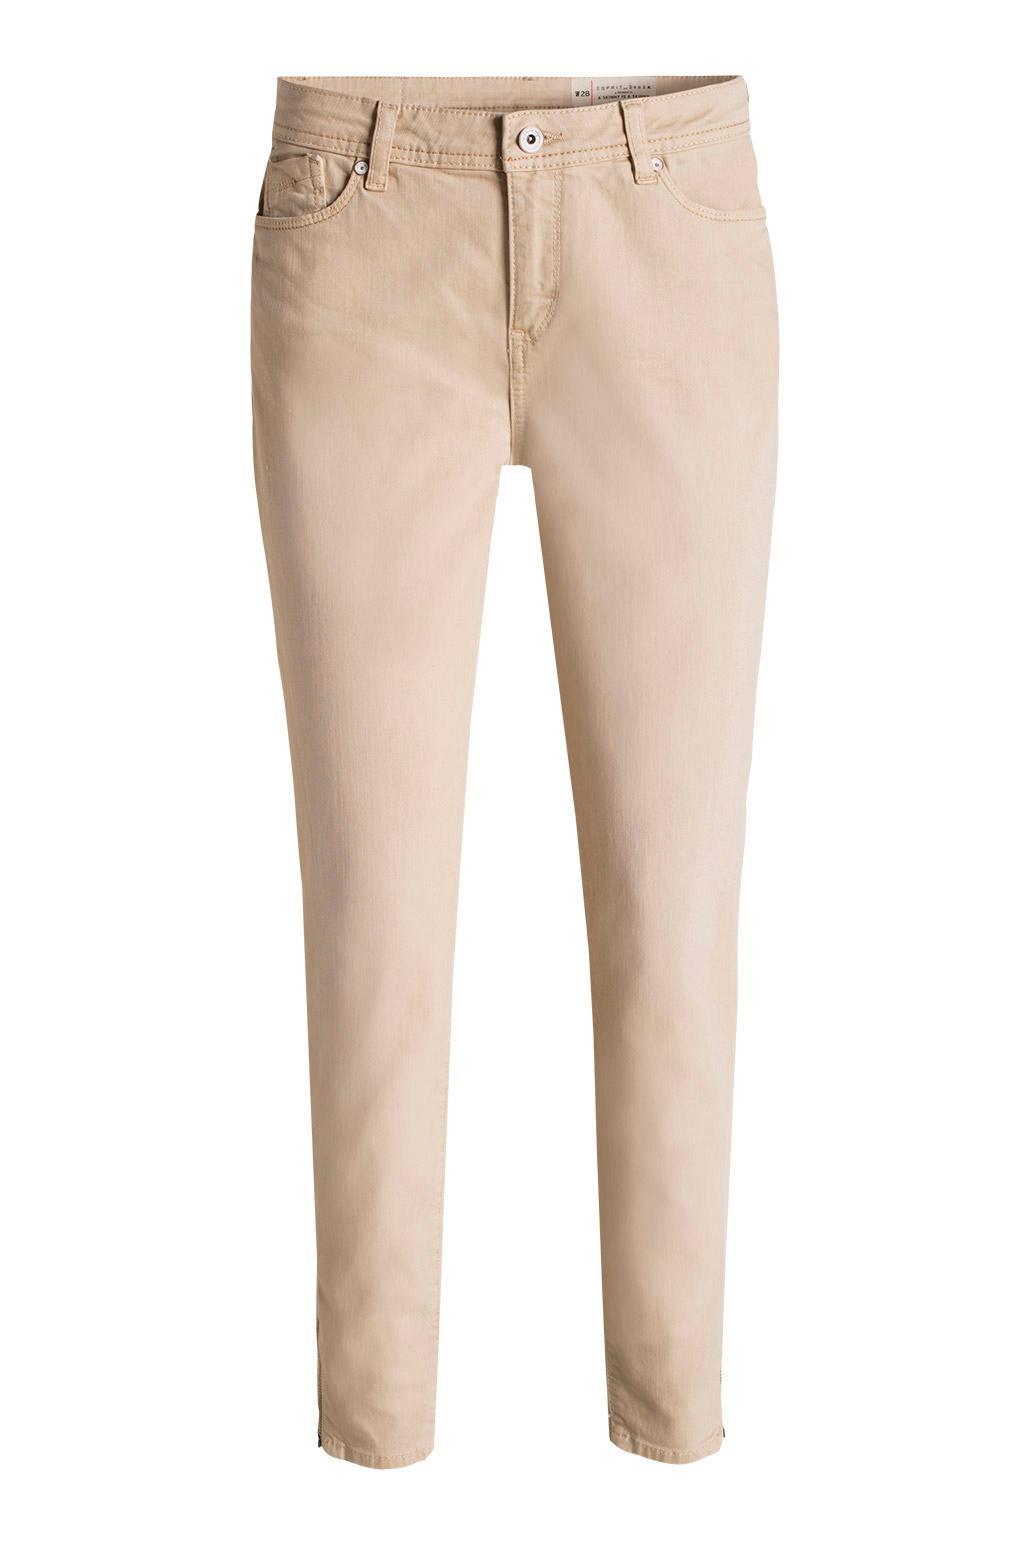 jeans med dragkedja i benslut